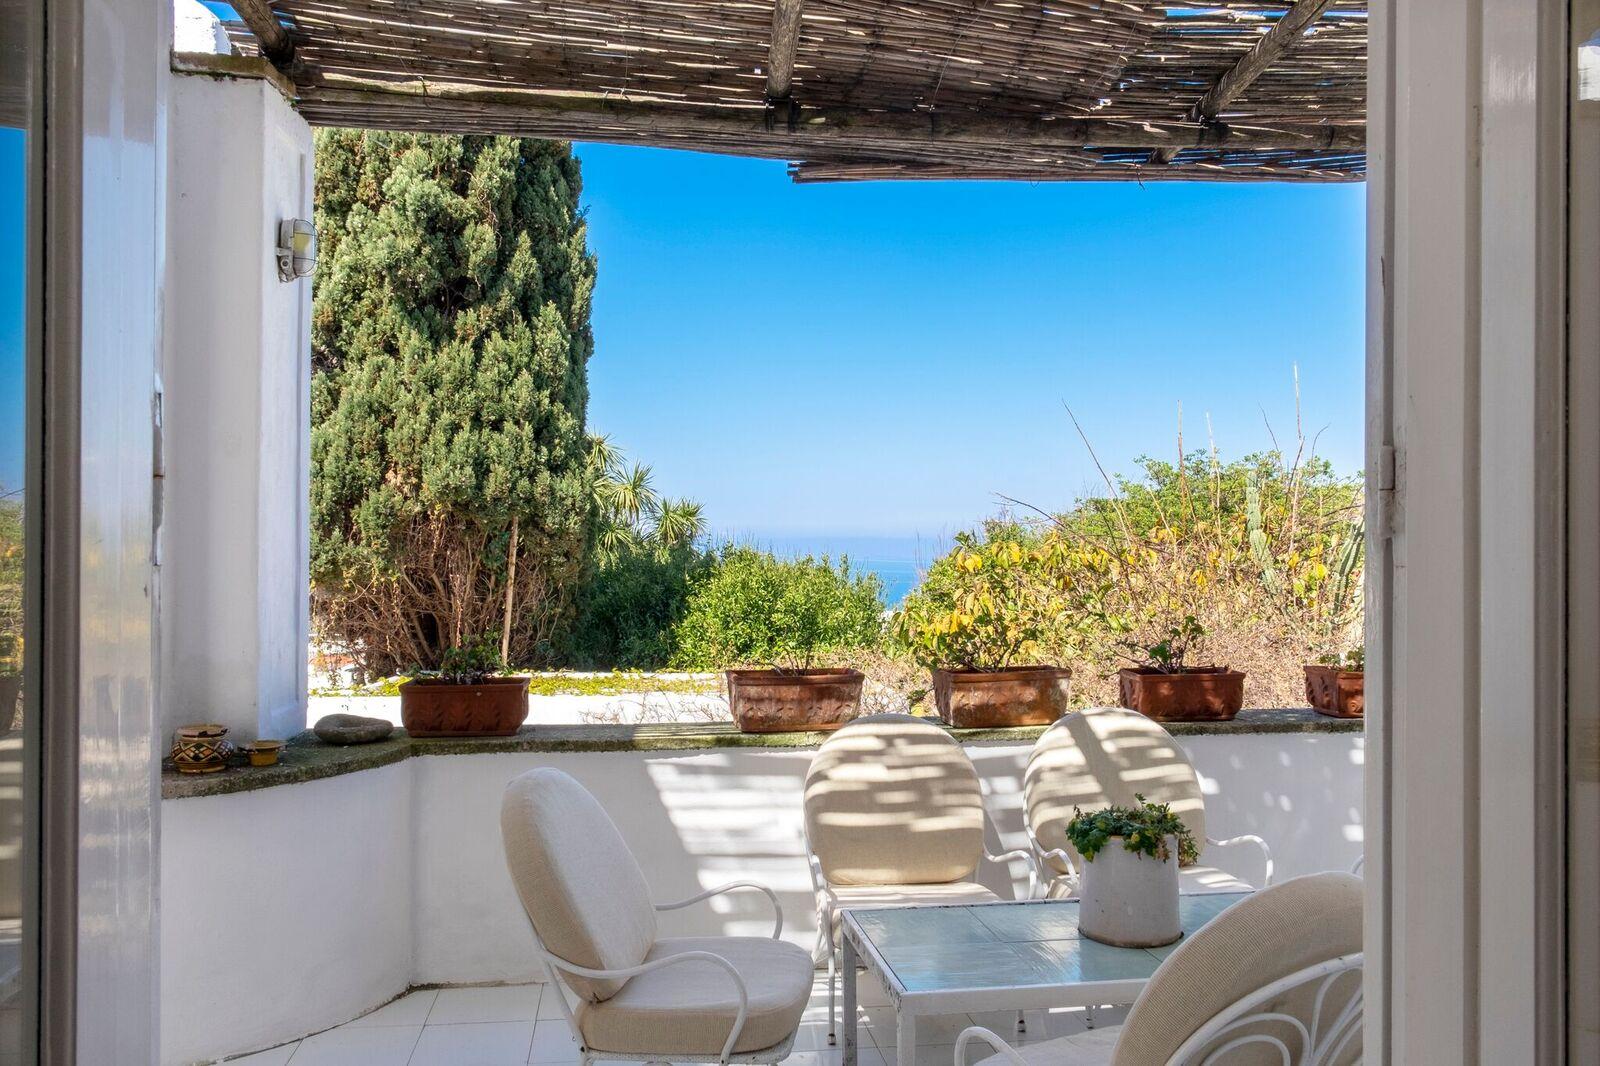 La casa di Mme Colette a Capri, terrazzo / Italy Sothebys International Realty